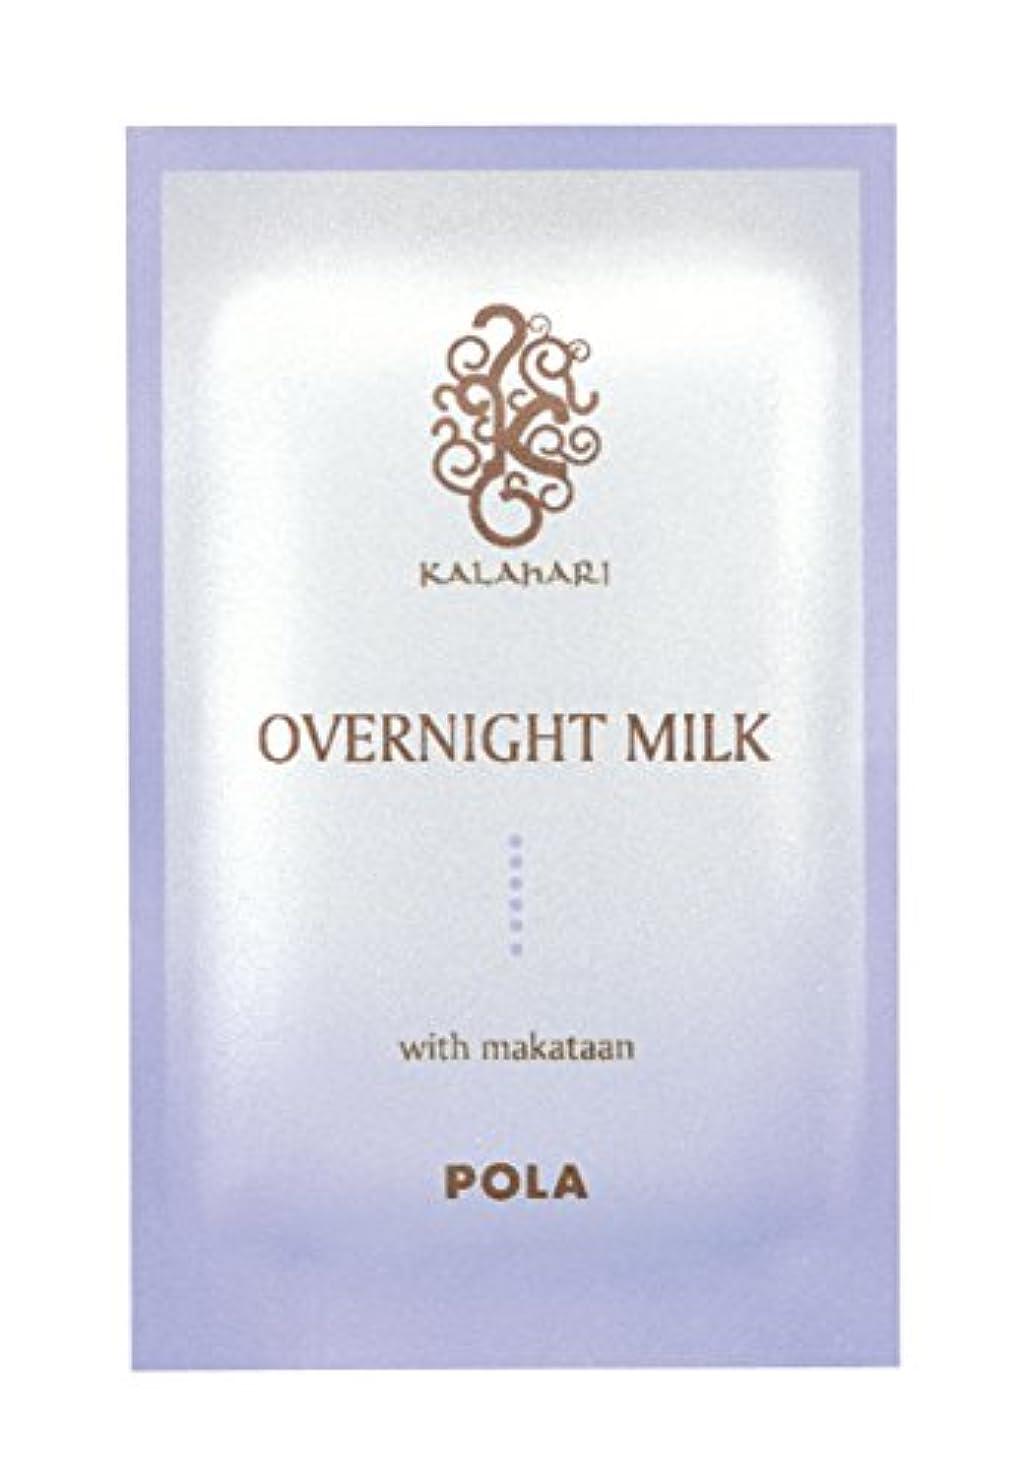 繰り返すマグカレッジPOLA ポーラ カラハリ オーバーナイトミルク 夜用乳液 個包装 2ml×100包